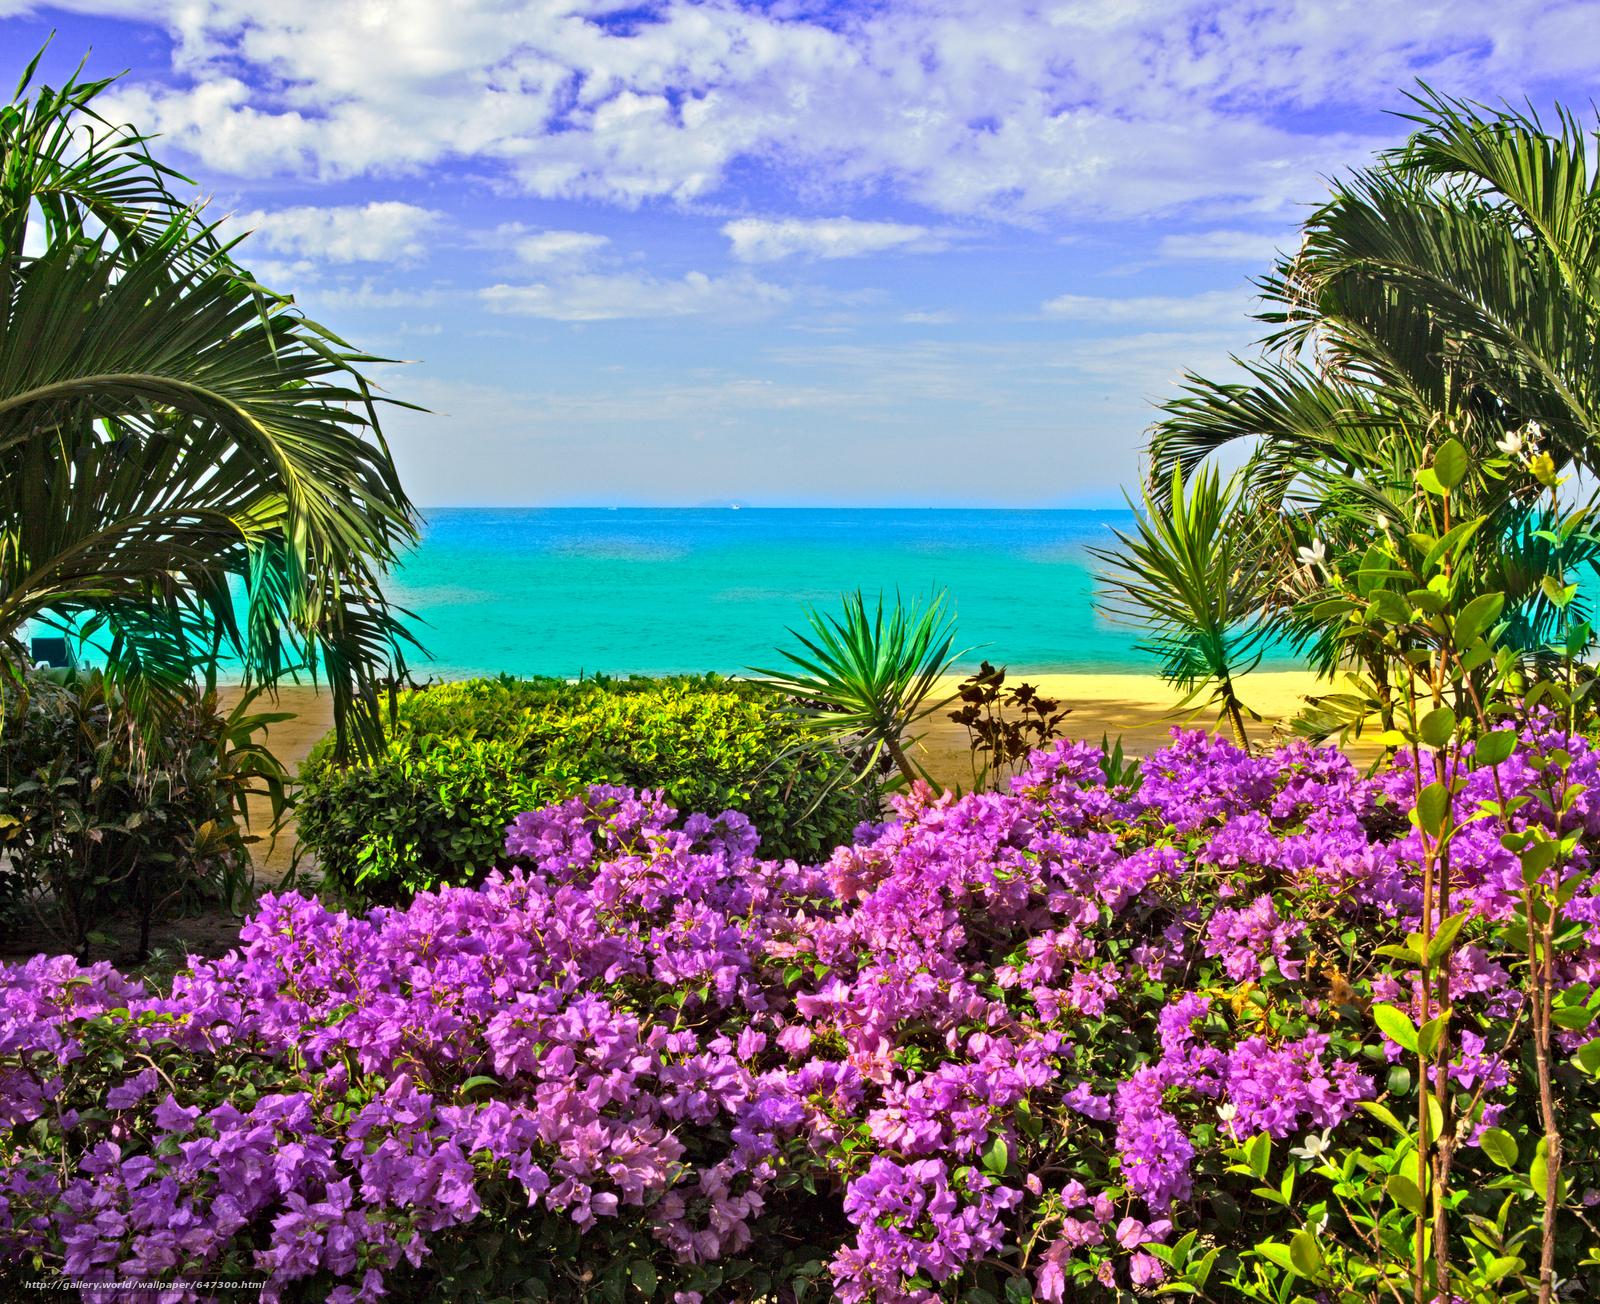 Скачать обои море,  берег,  цветы,  пальмы бесплатно для рабочего стола в разрешении 5782x4712 — картинка №647300